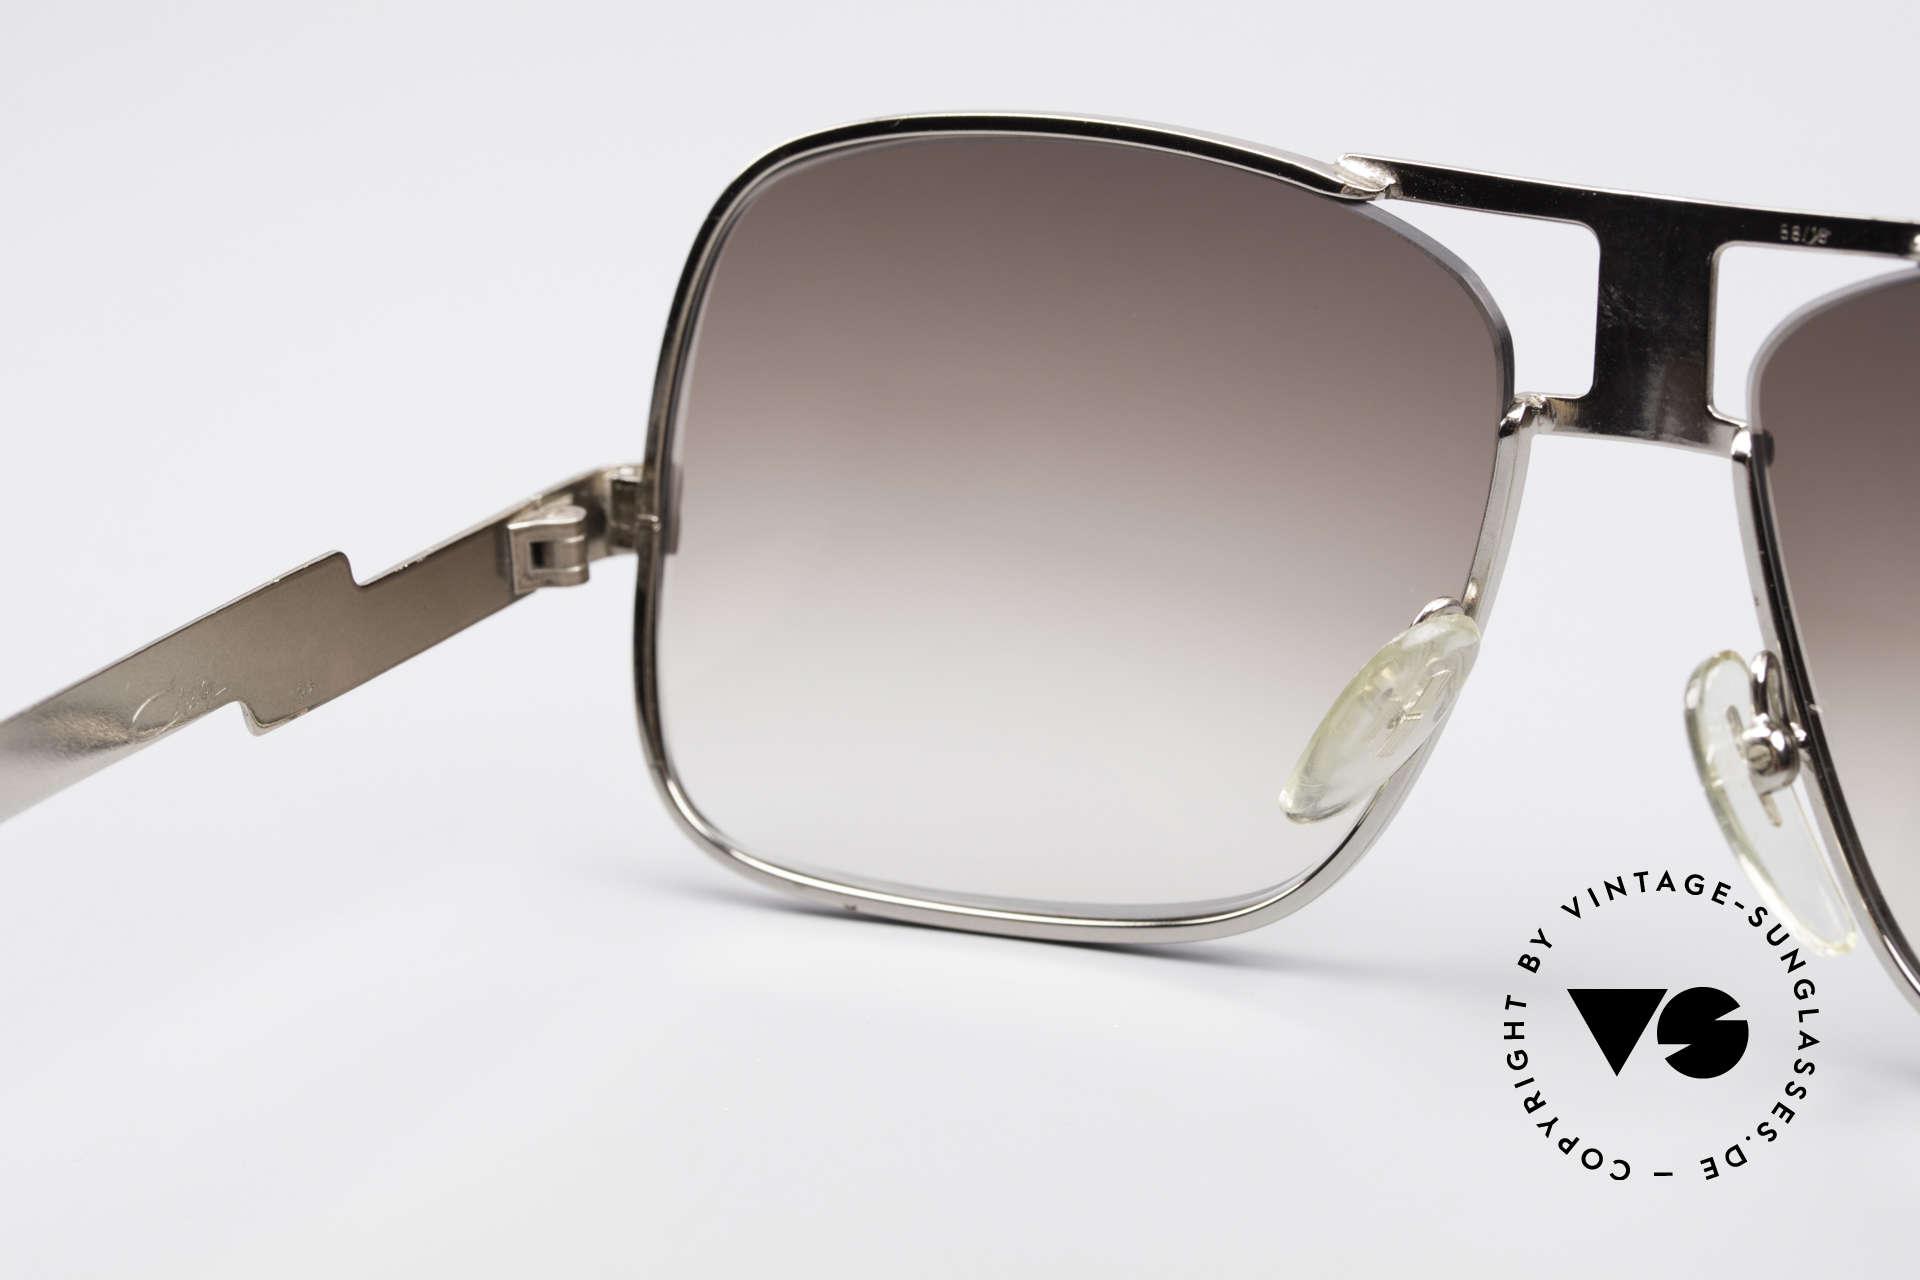 Cazal 701 Ultra Rare 70's Sunglasses, NO retro shades, but a genuine 40 years old original, Made for Men